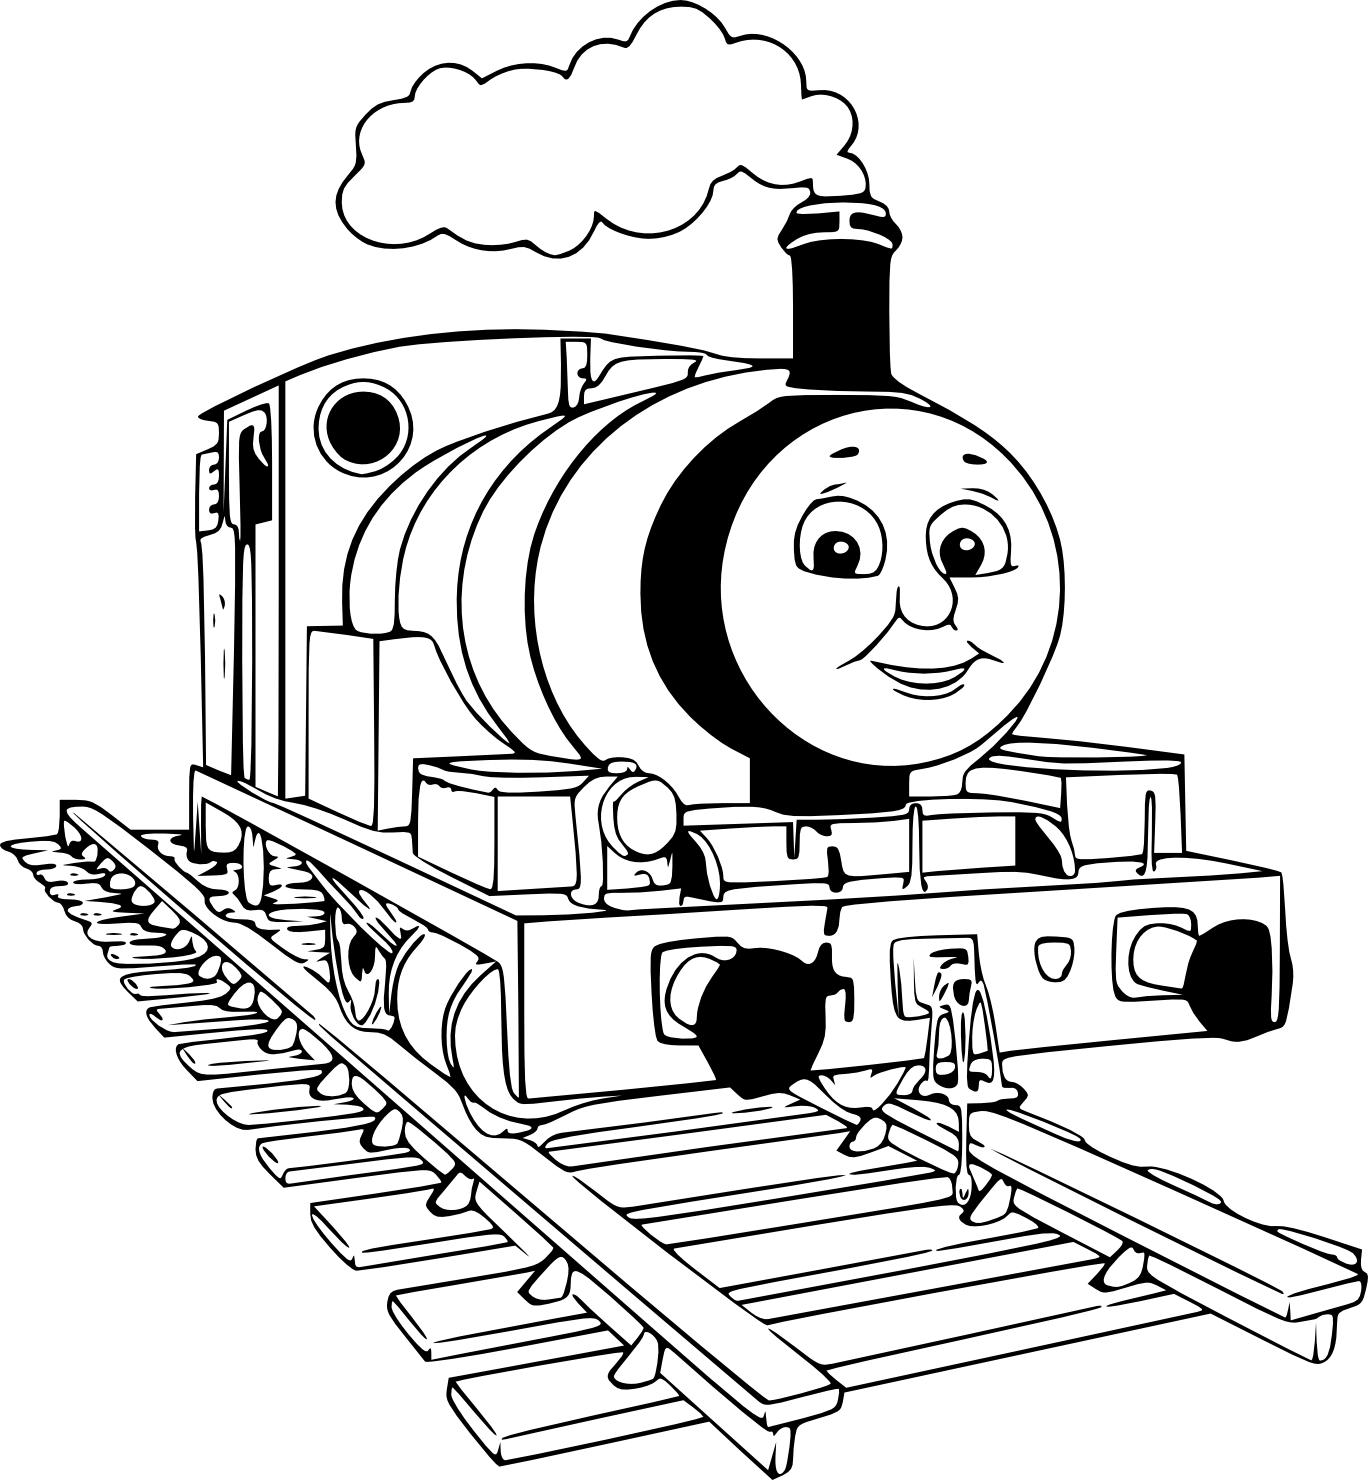 Coloriage Percy la petite locomotive